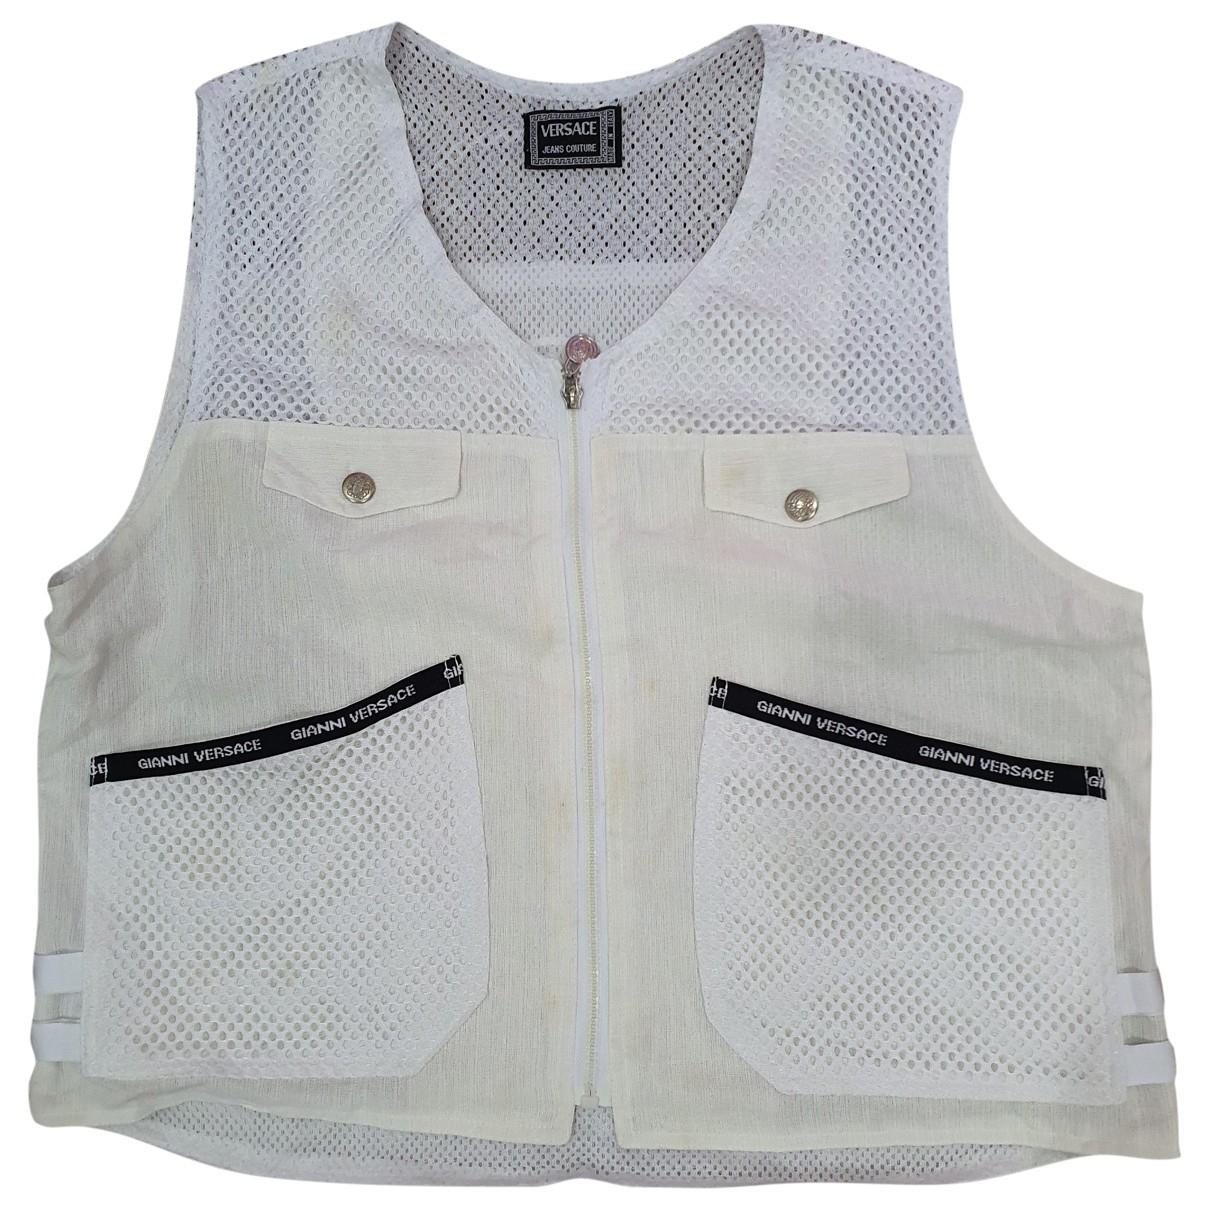 Versace Jean - Manteau   pour homme - blanc